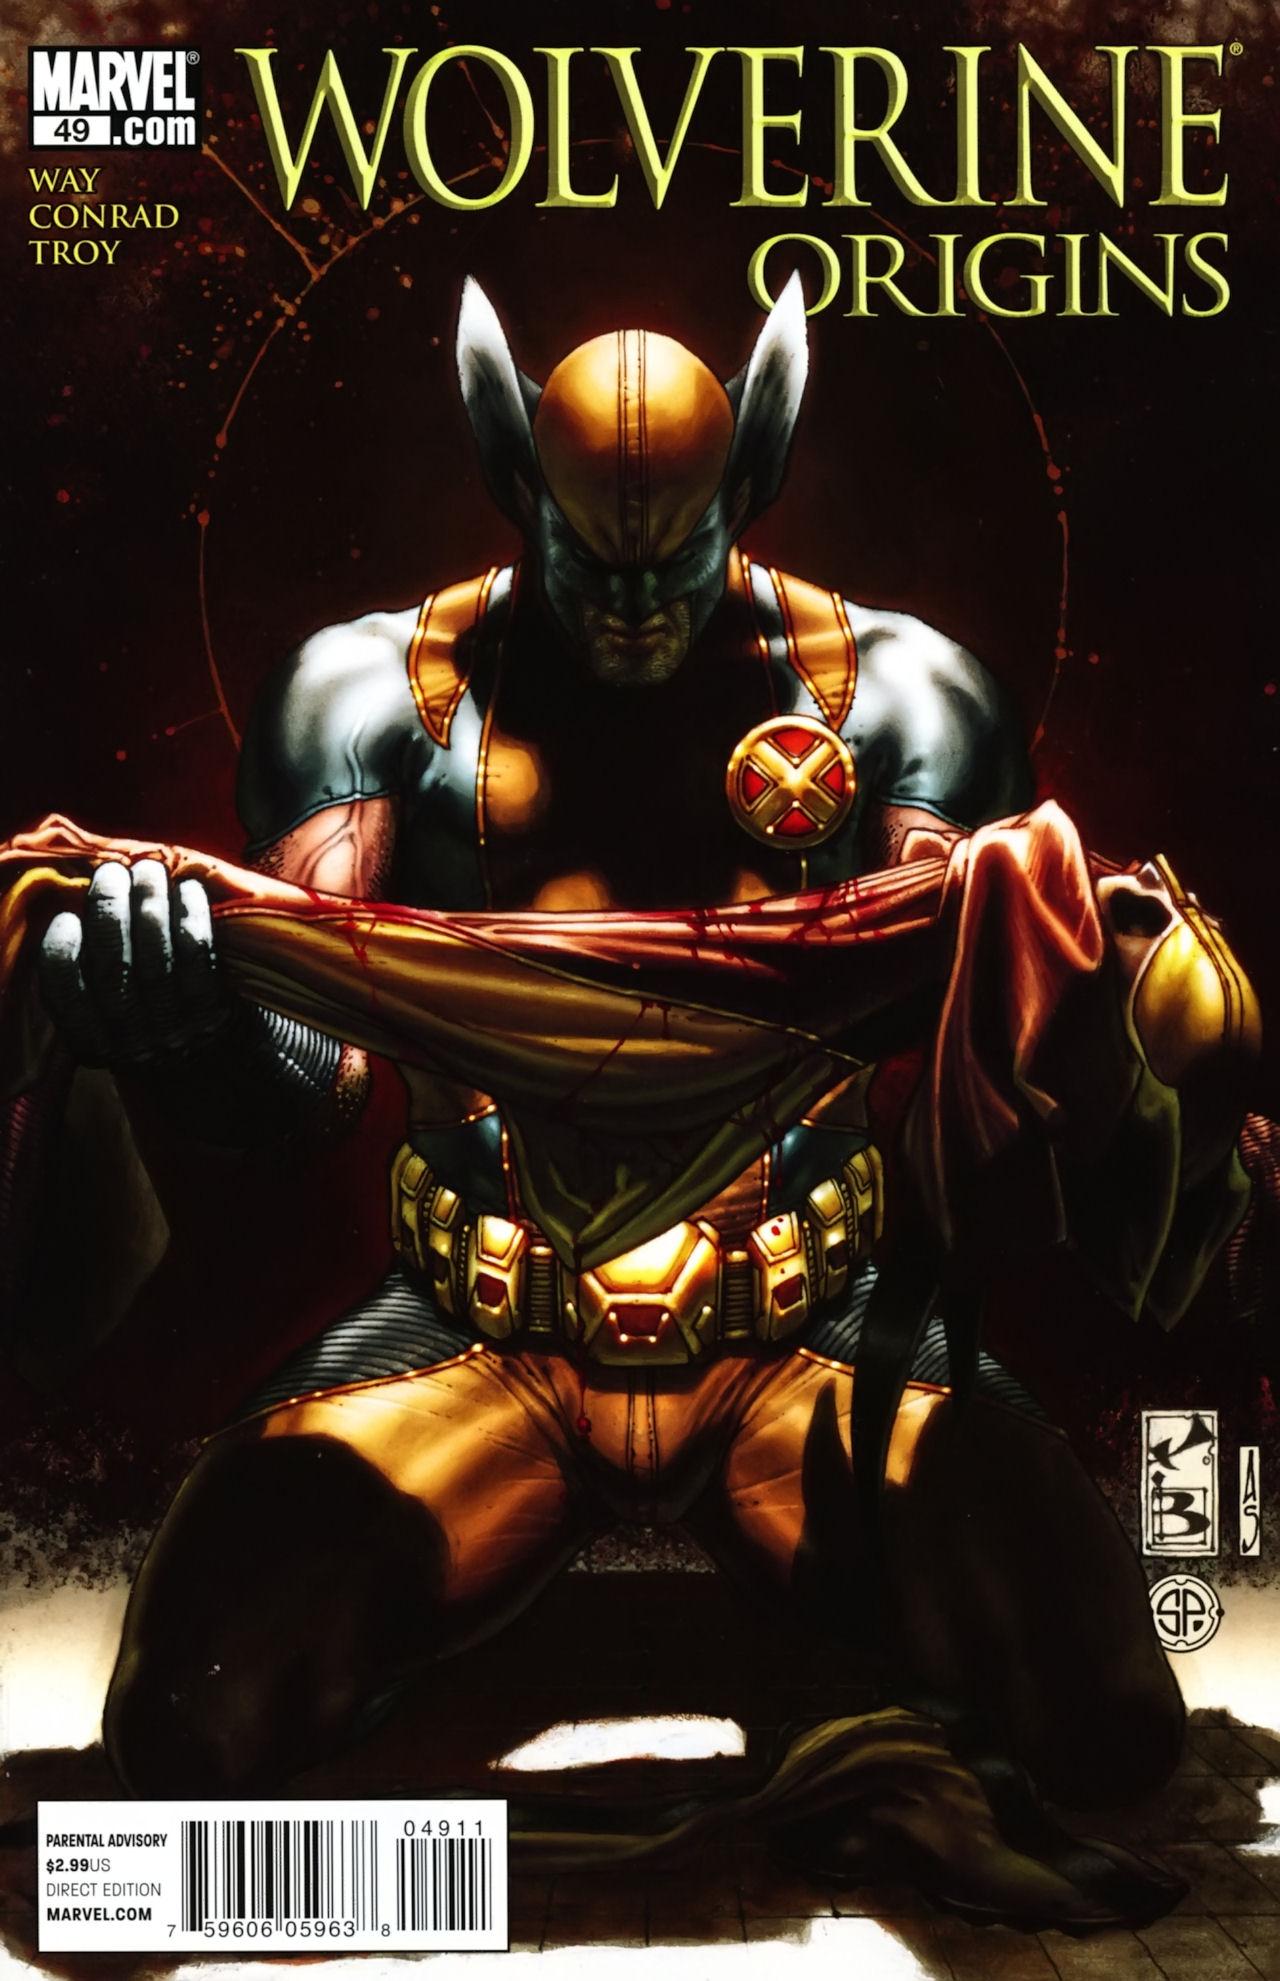 Read online Wolverine: Origins comic -  Issue #49 - 1